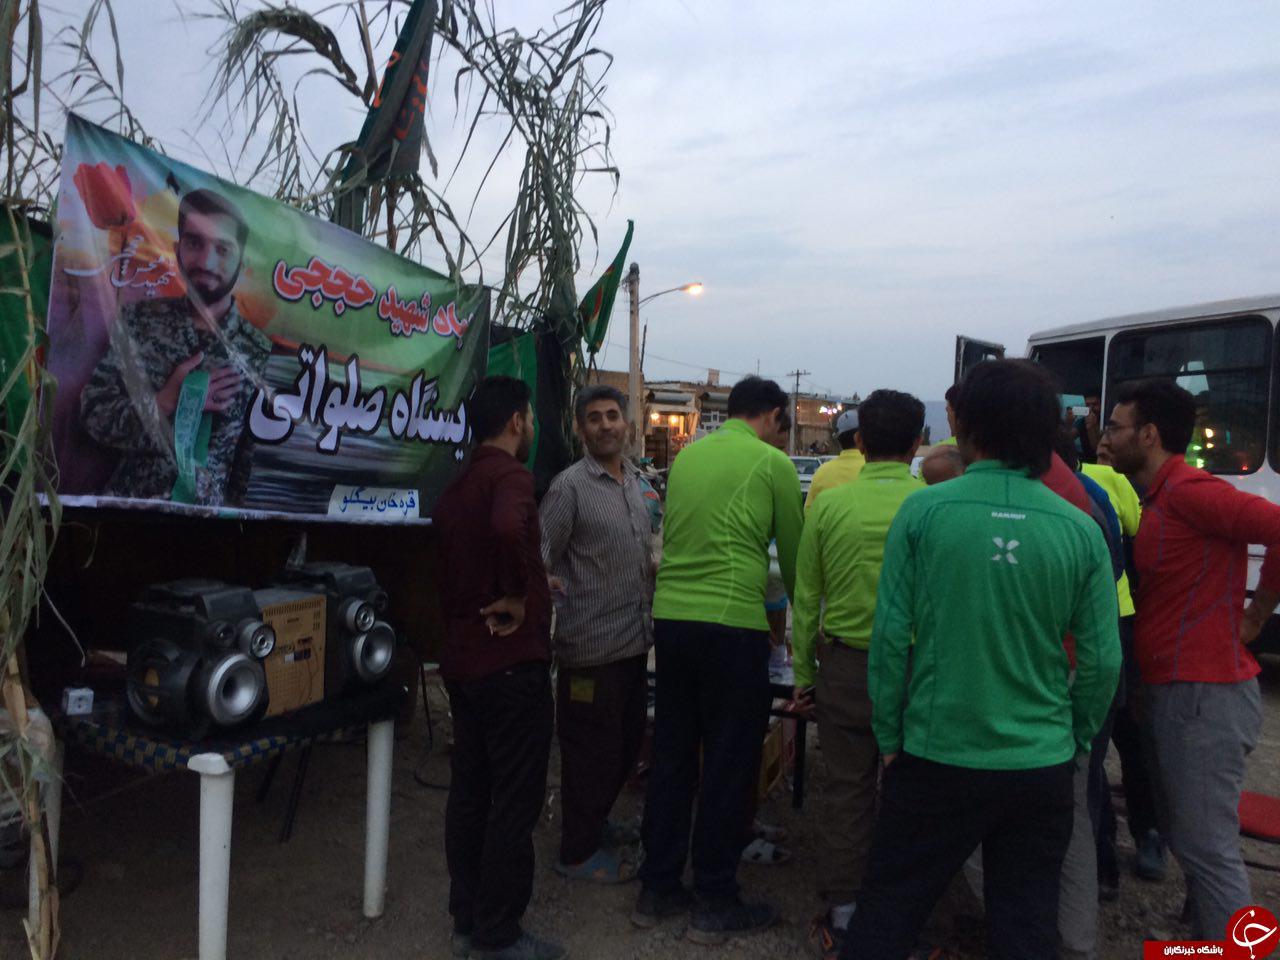 حال و هوای  عزاداری سالار شهیدان در قرخانبیگلو + تصاویر